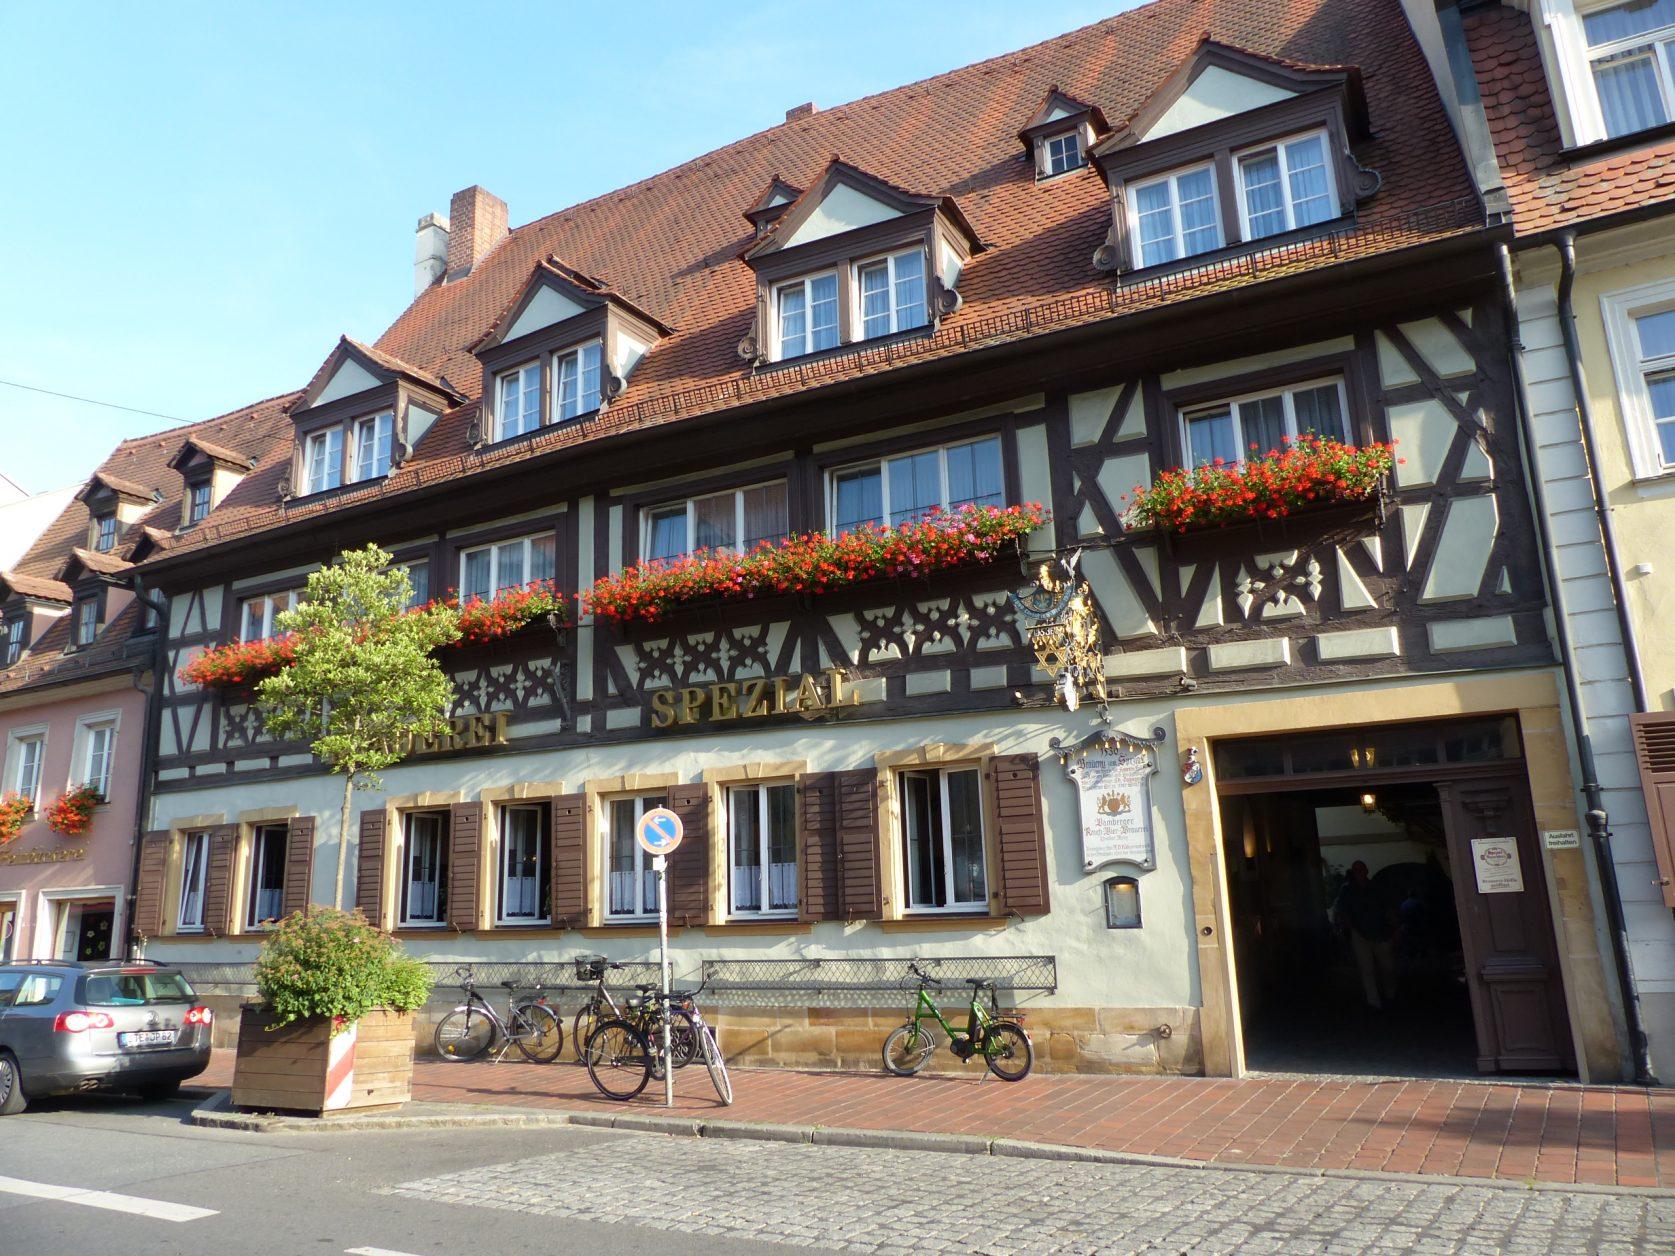 Eine von mehreren Brauereigaststätten in Bamberg, Foto: Weirauch